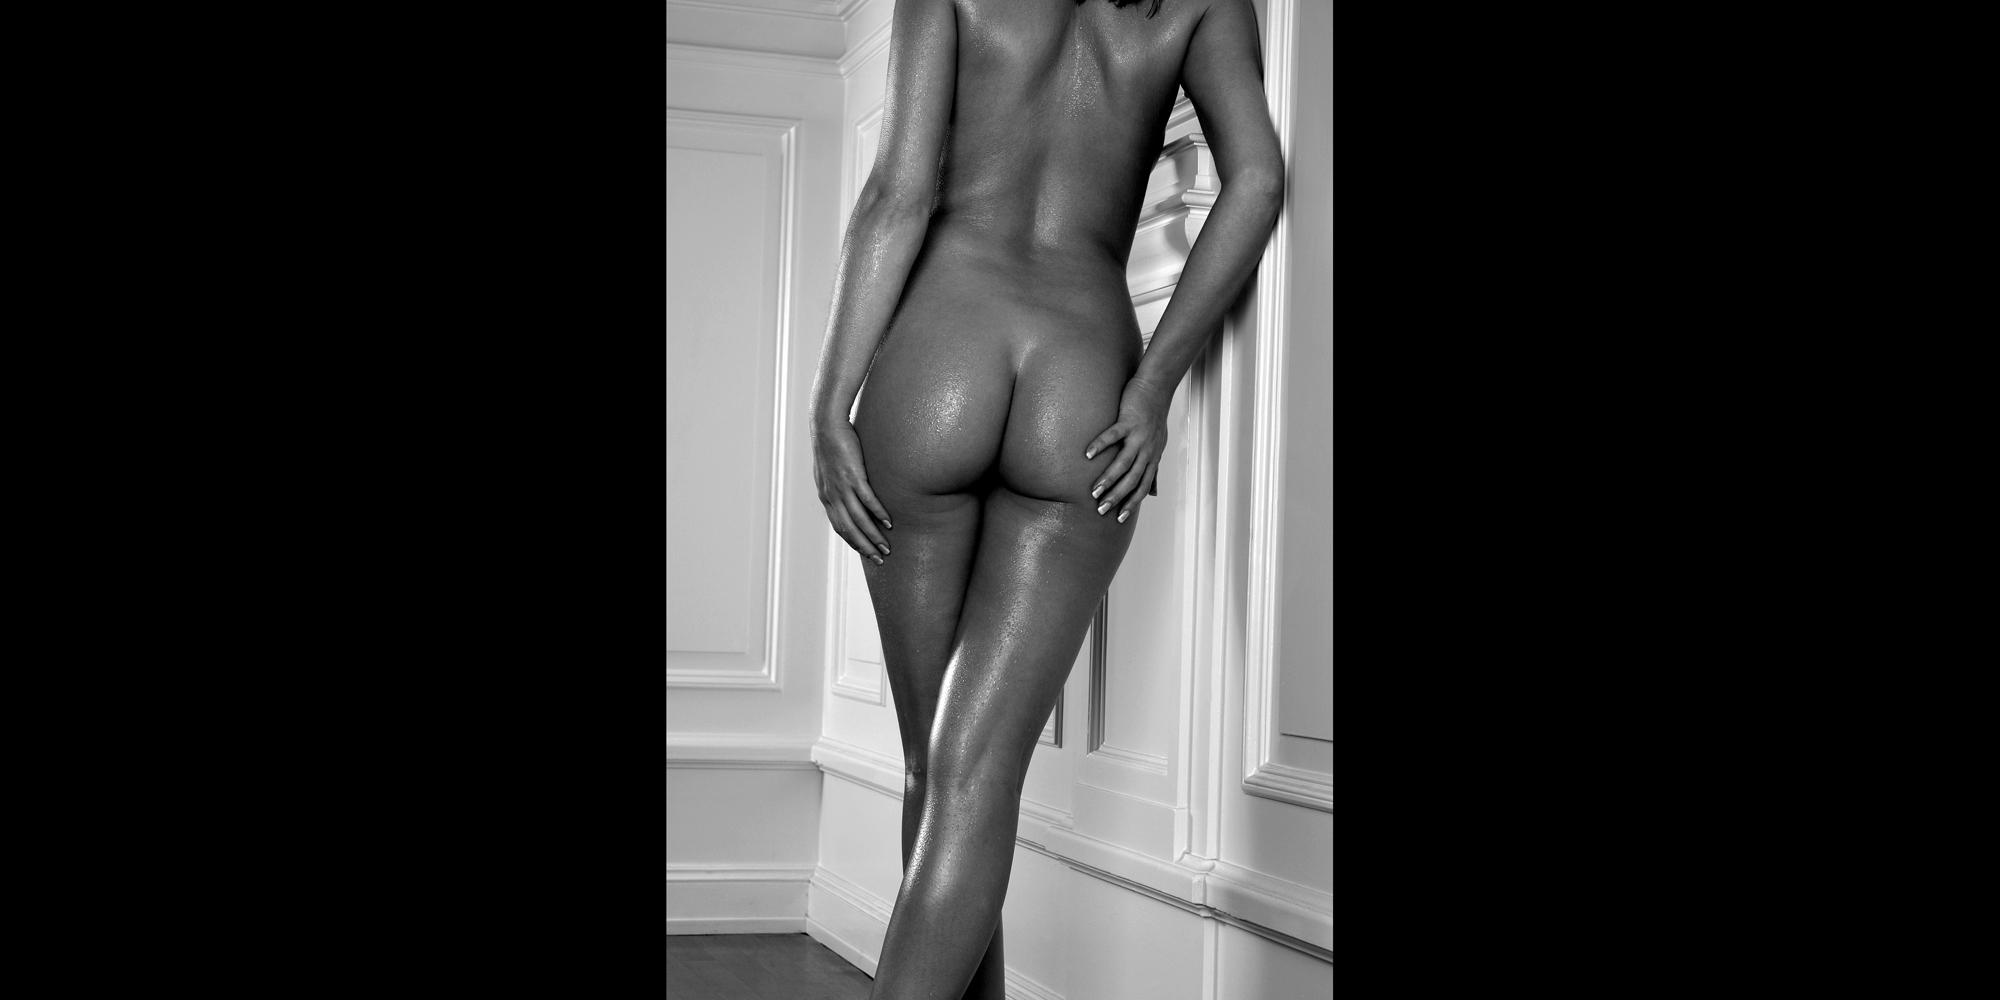 Rückansicht in Schwarz-Weiß von Po und Beinen einer nackten, schlanken Frau, deren Haut von Wasserperlen glänzt, sie posiert für ästhetische Aktfotografie.